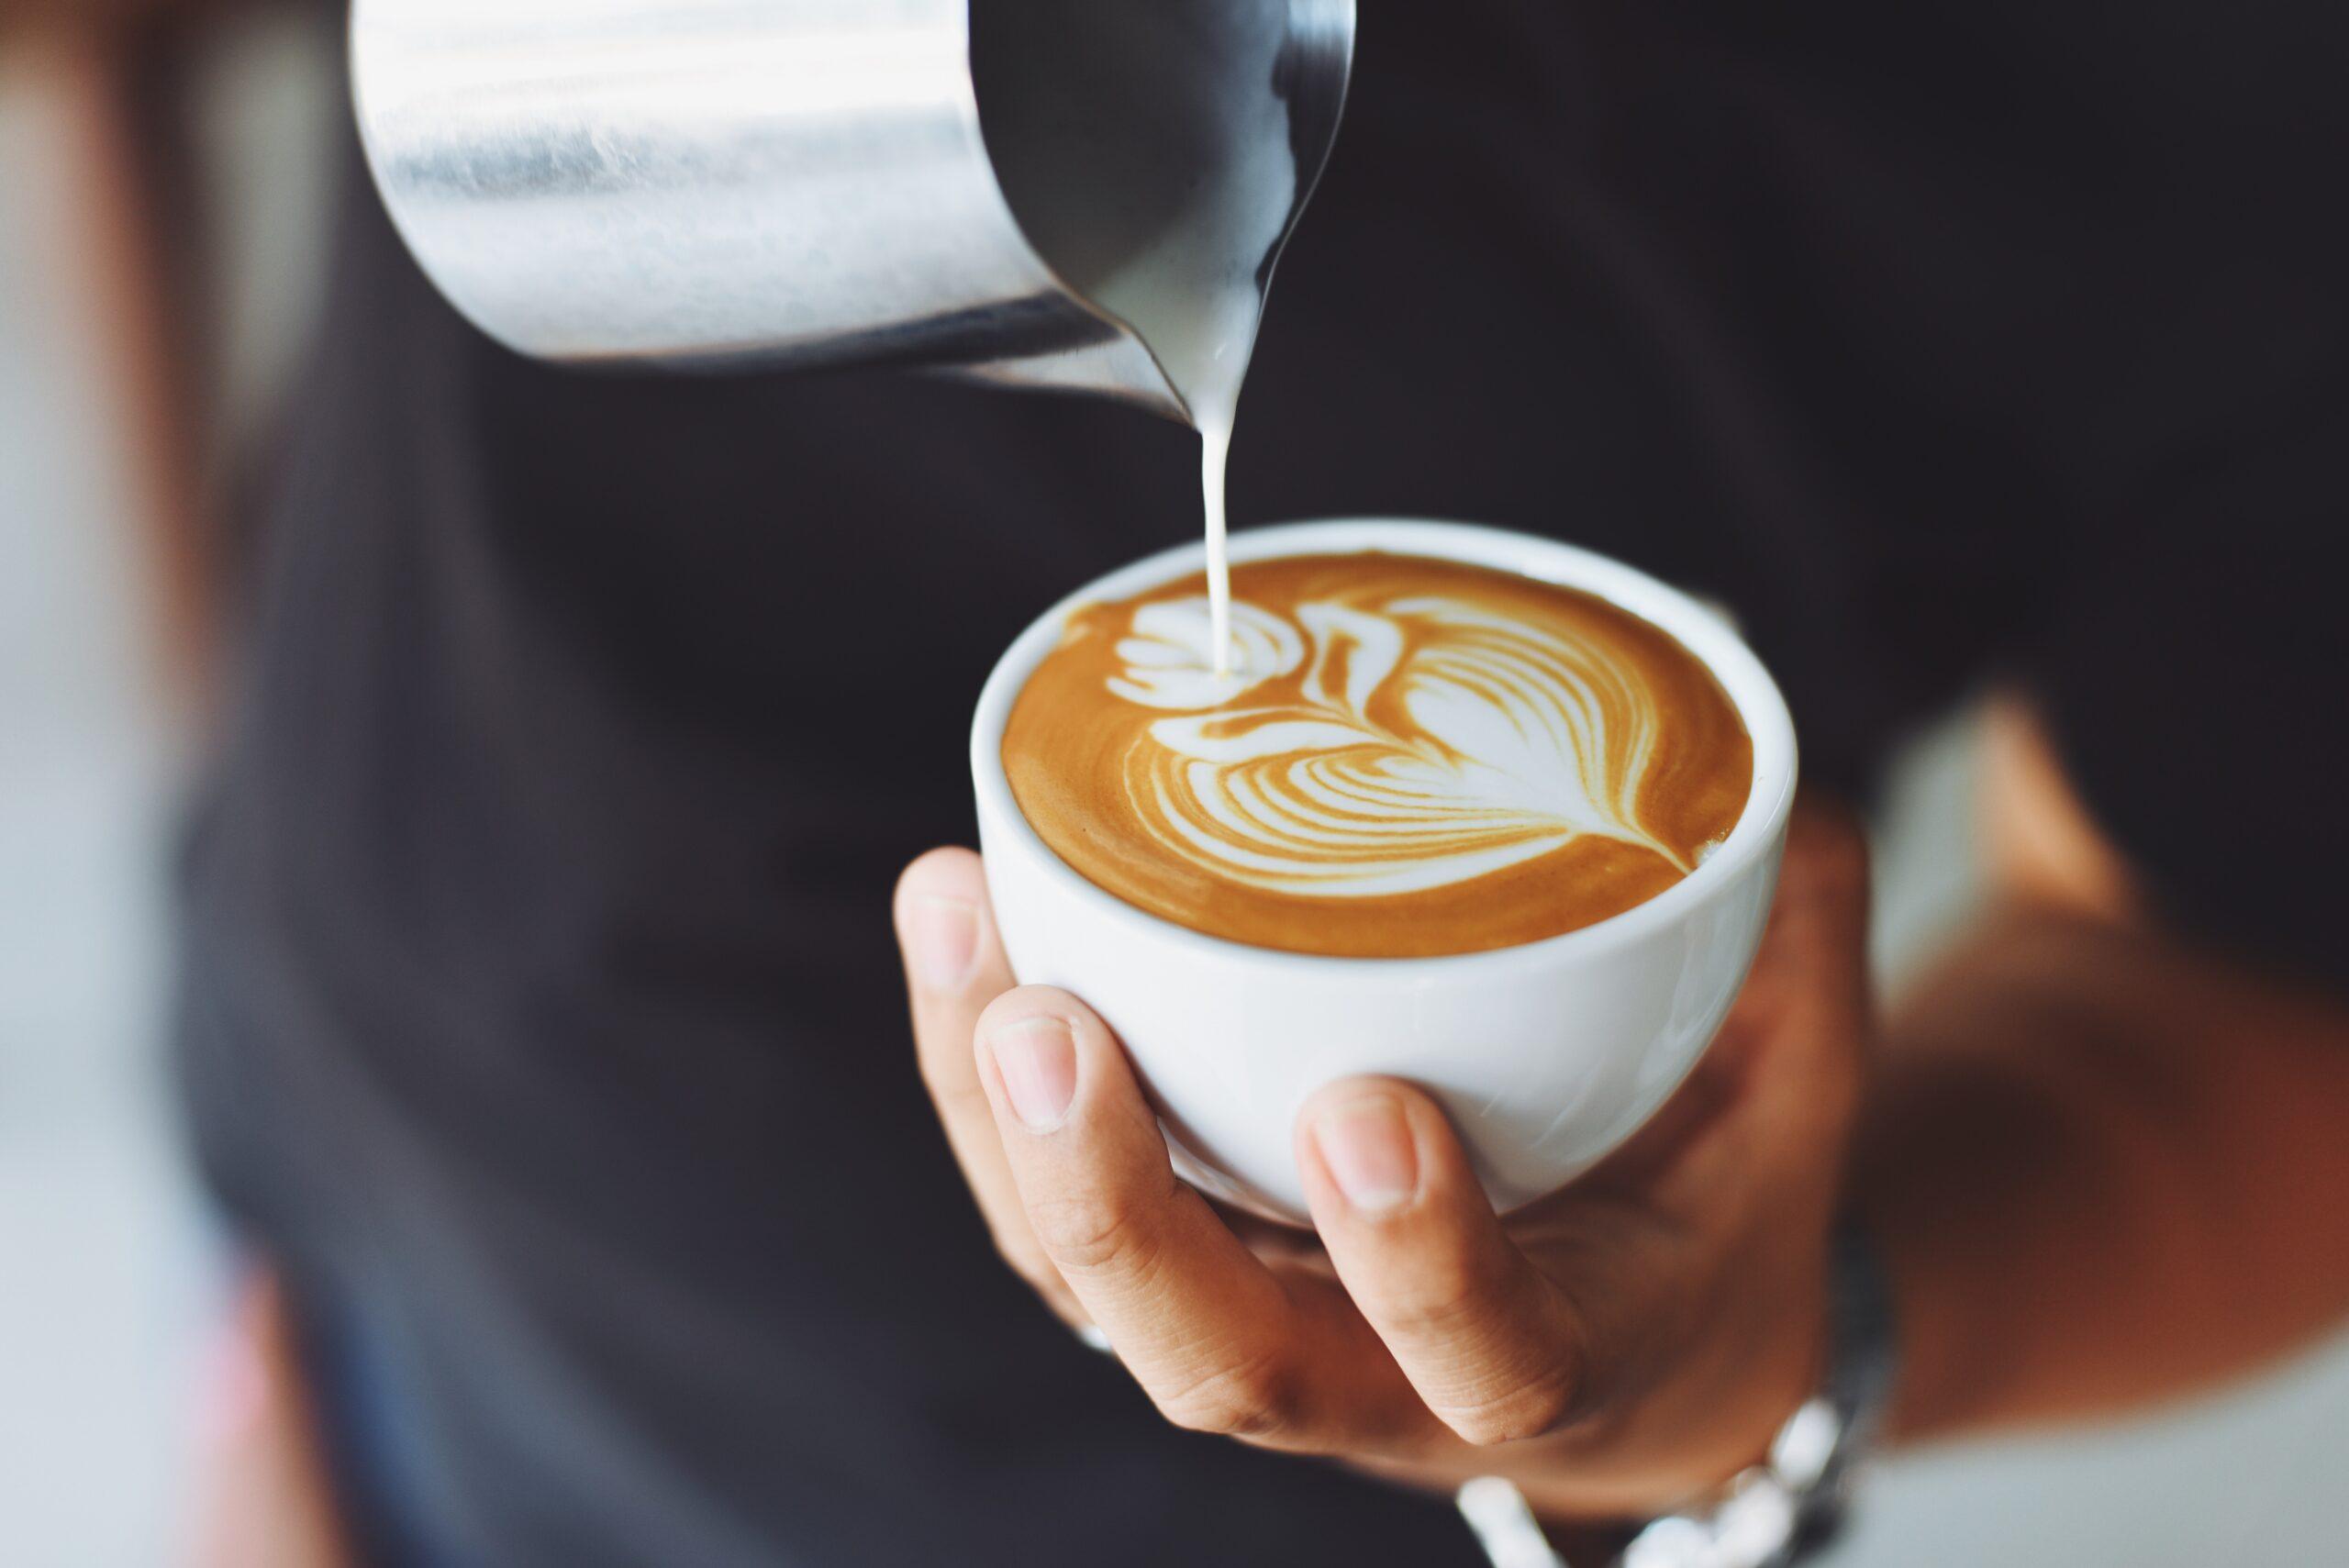 Merksterkte: waarom mensen bereid zijn 5 euro voor een Starbucks koffie te betalen